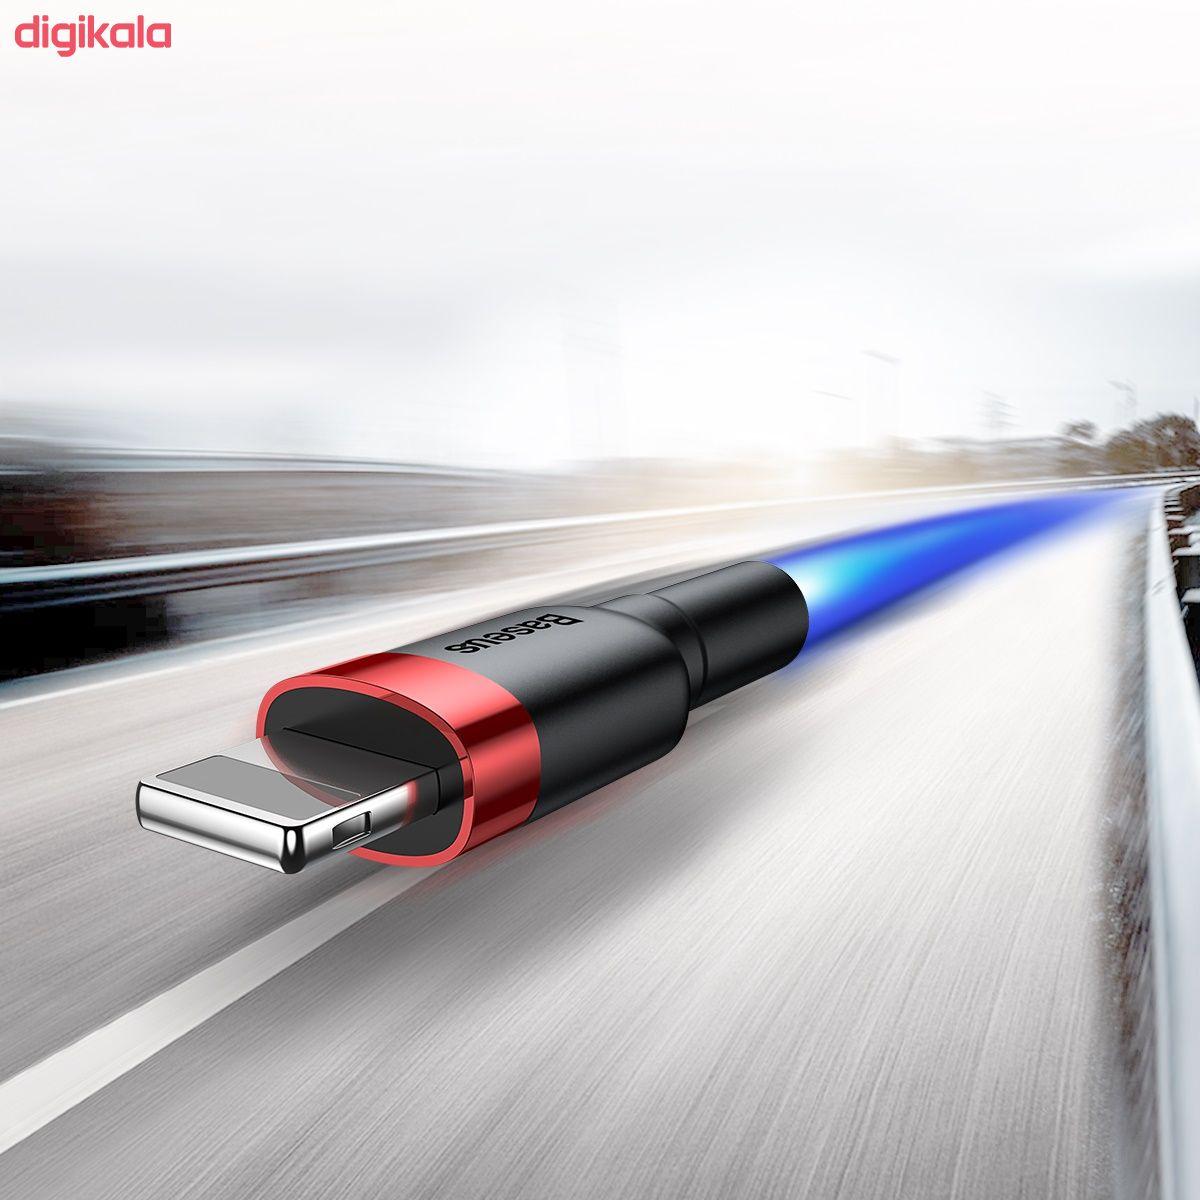 کابل تبدیل USB به لایتنینگ باسئوس مدل CALKLF-C19 Cafule طول 2 متر main 1 9